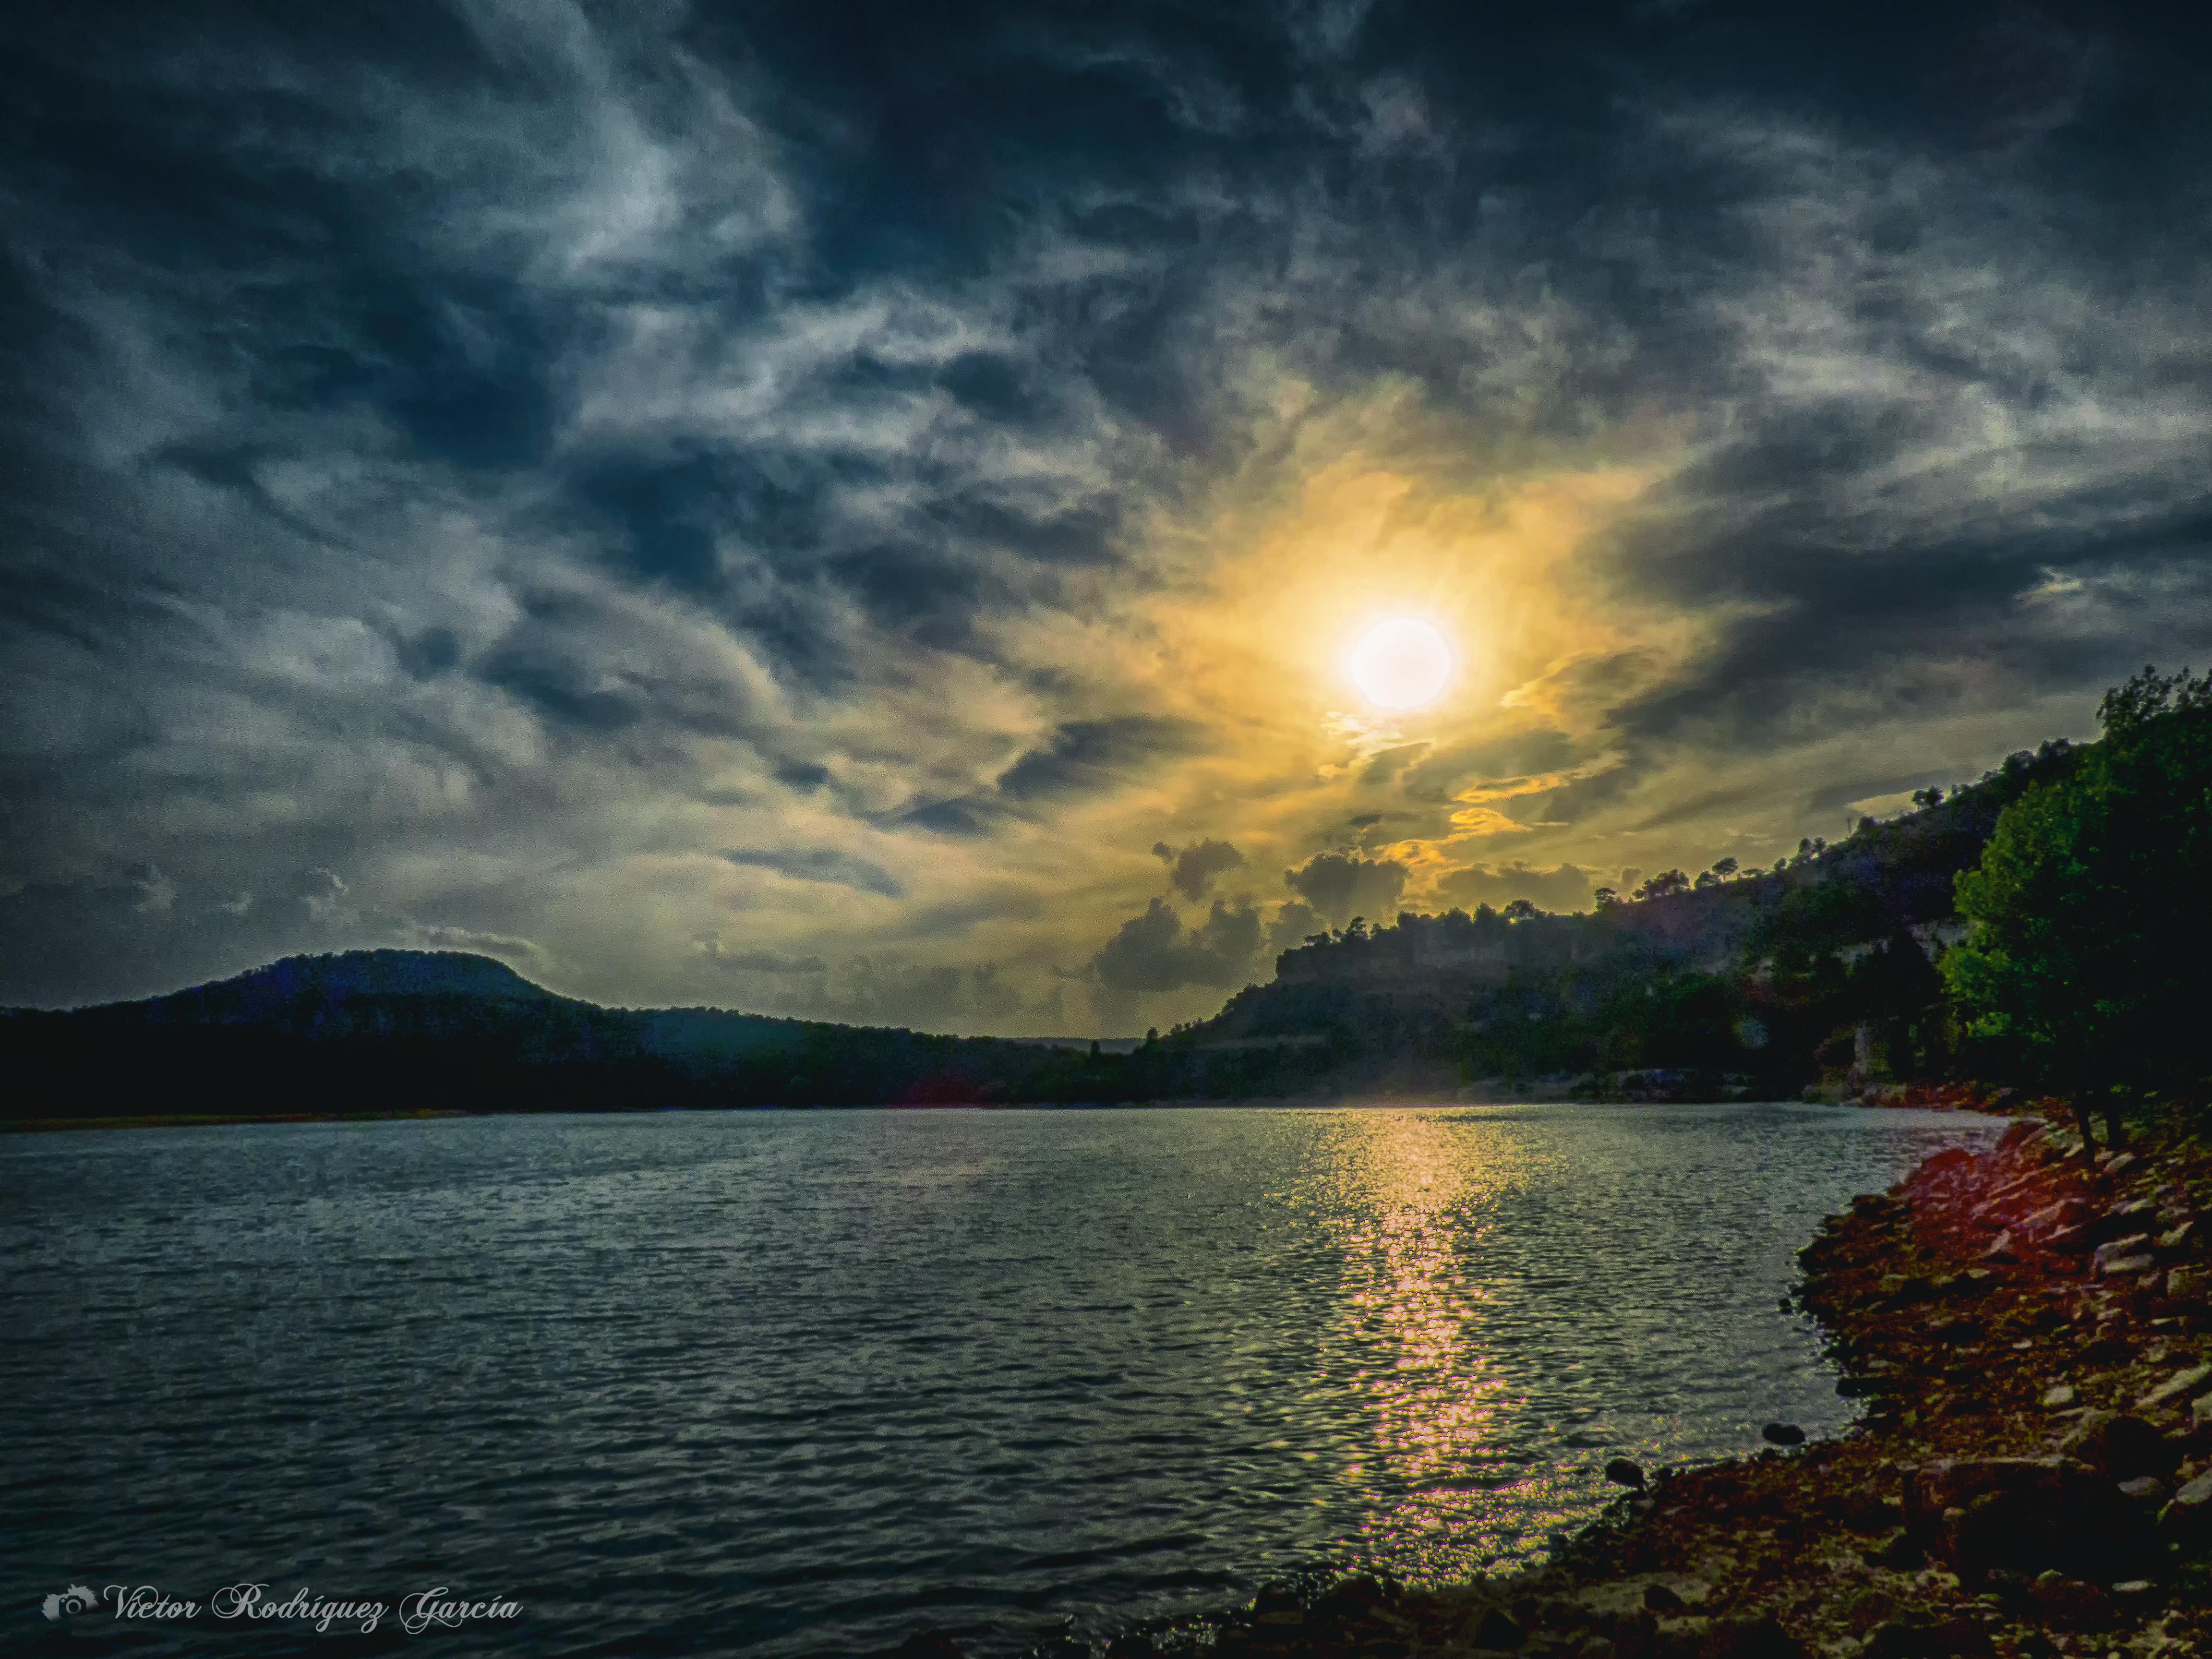 Download 77+ Background Pemandangan Sunset Paling Keren